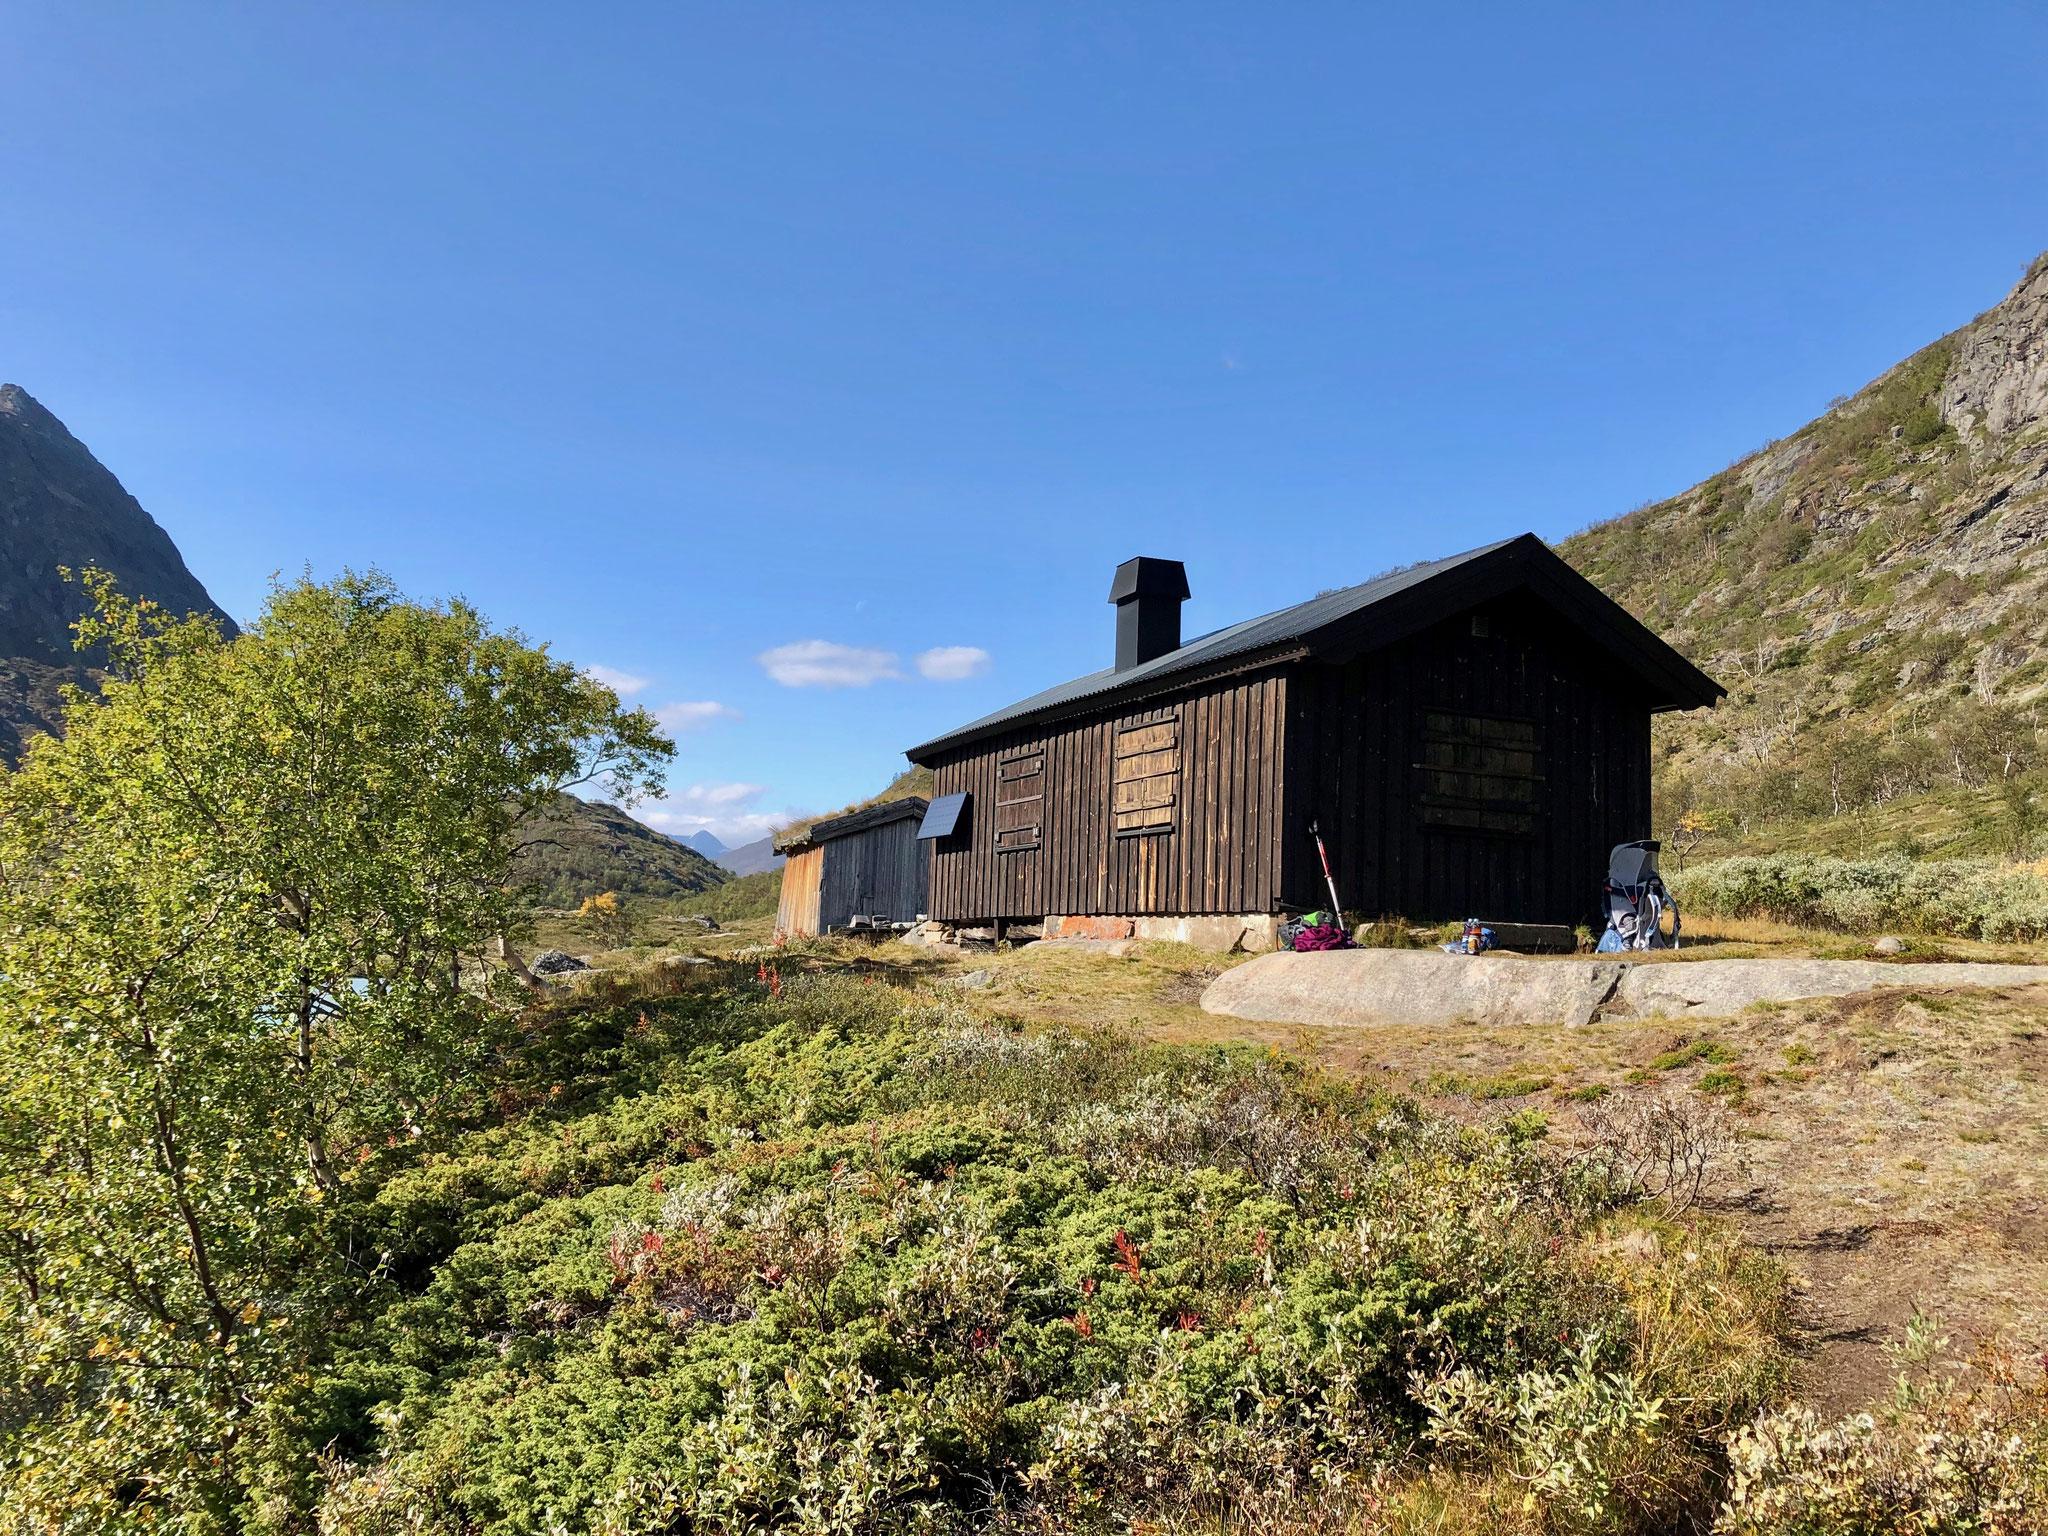 An der Hütte am Ende des Sees haben wir Mittag gemacht.